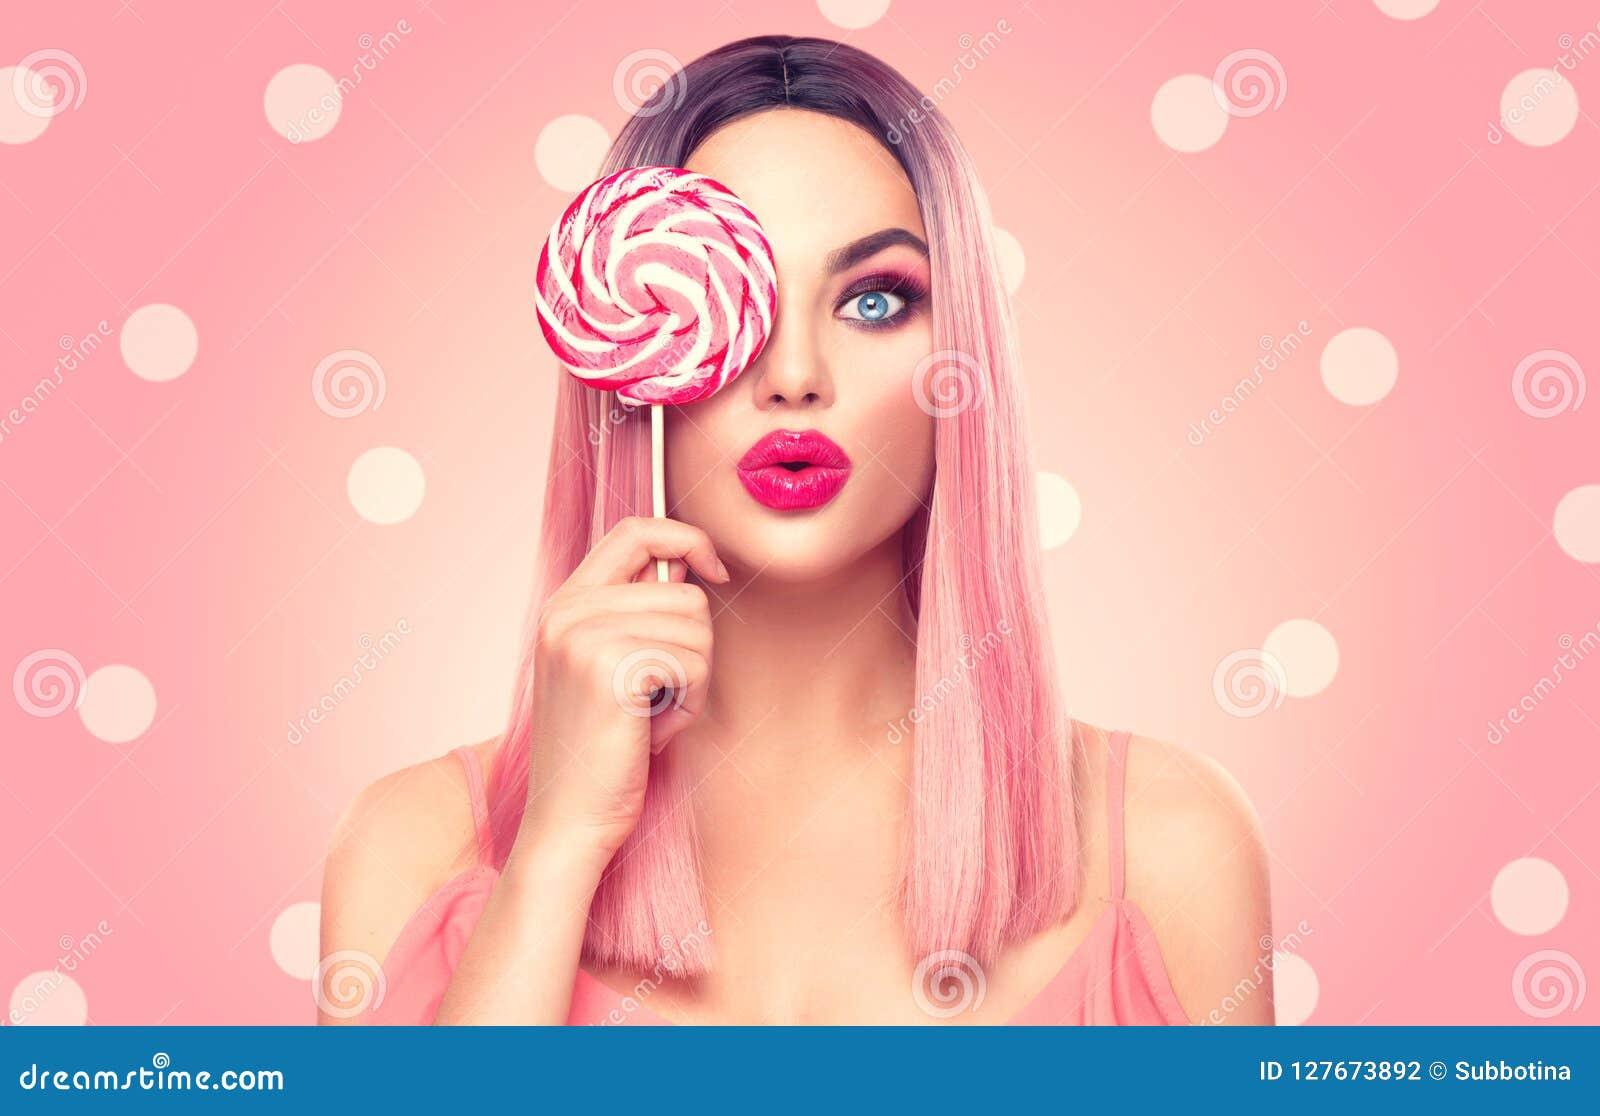 Sexy vorbildliche Frau der Schönheit mit modischer rosa Frisur und schönen dem Make-up, die Lutschersüßigkeit hält